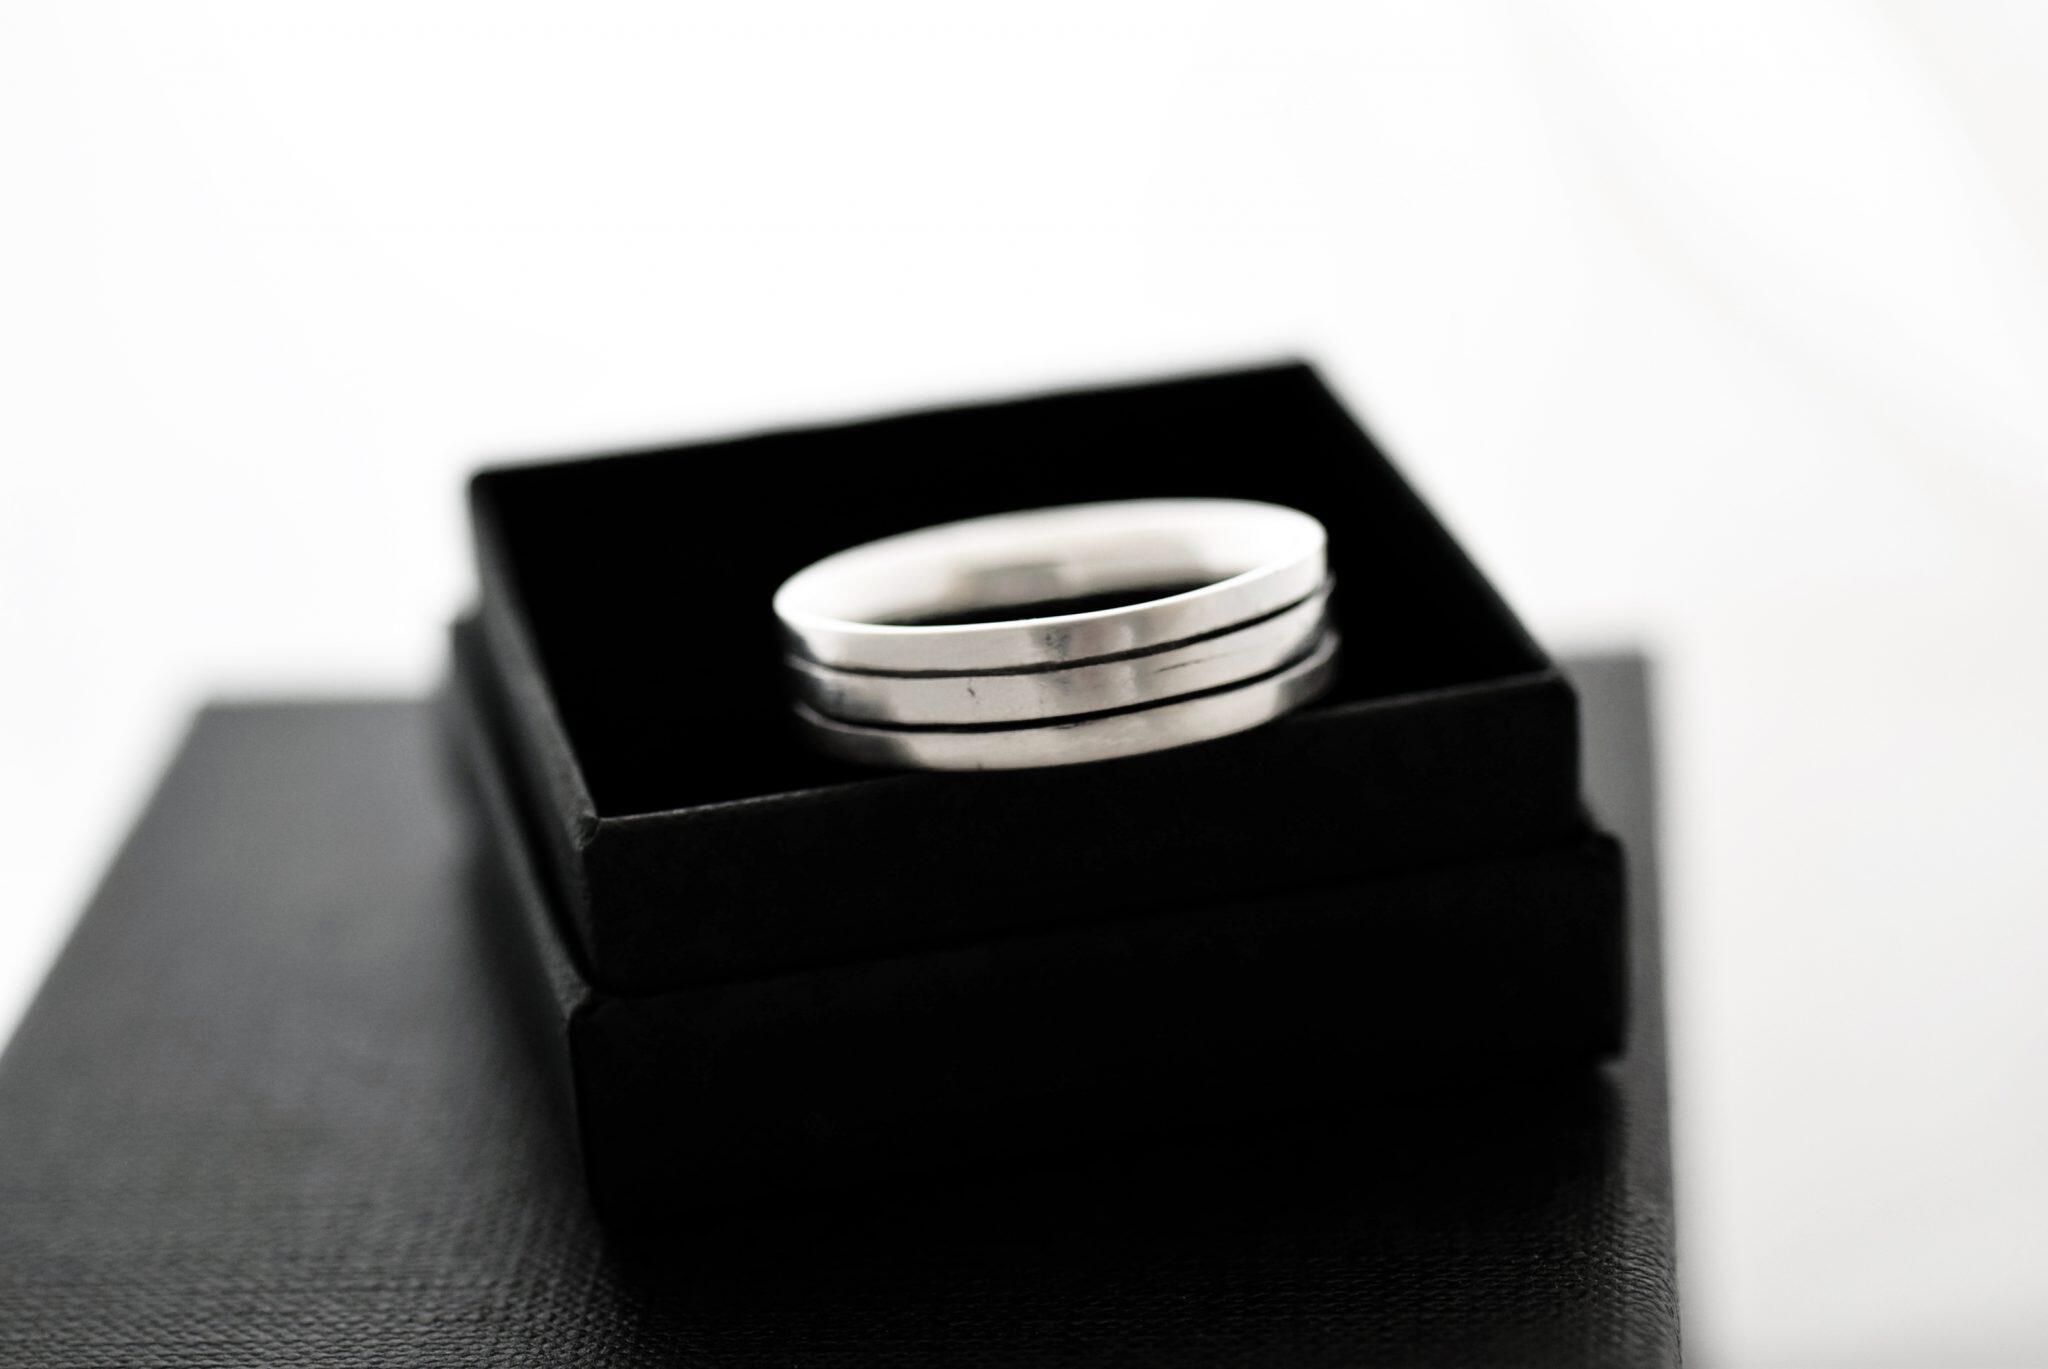 Ανδρικό δαχτυλίδι χειροποίητο από ασήμι 925 δαχτυλίδια   ανδρικά δαχτυλίδια